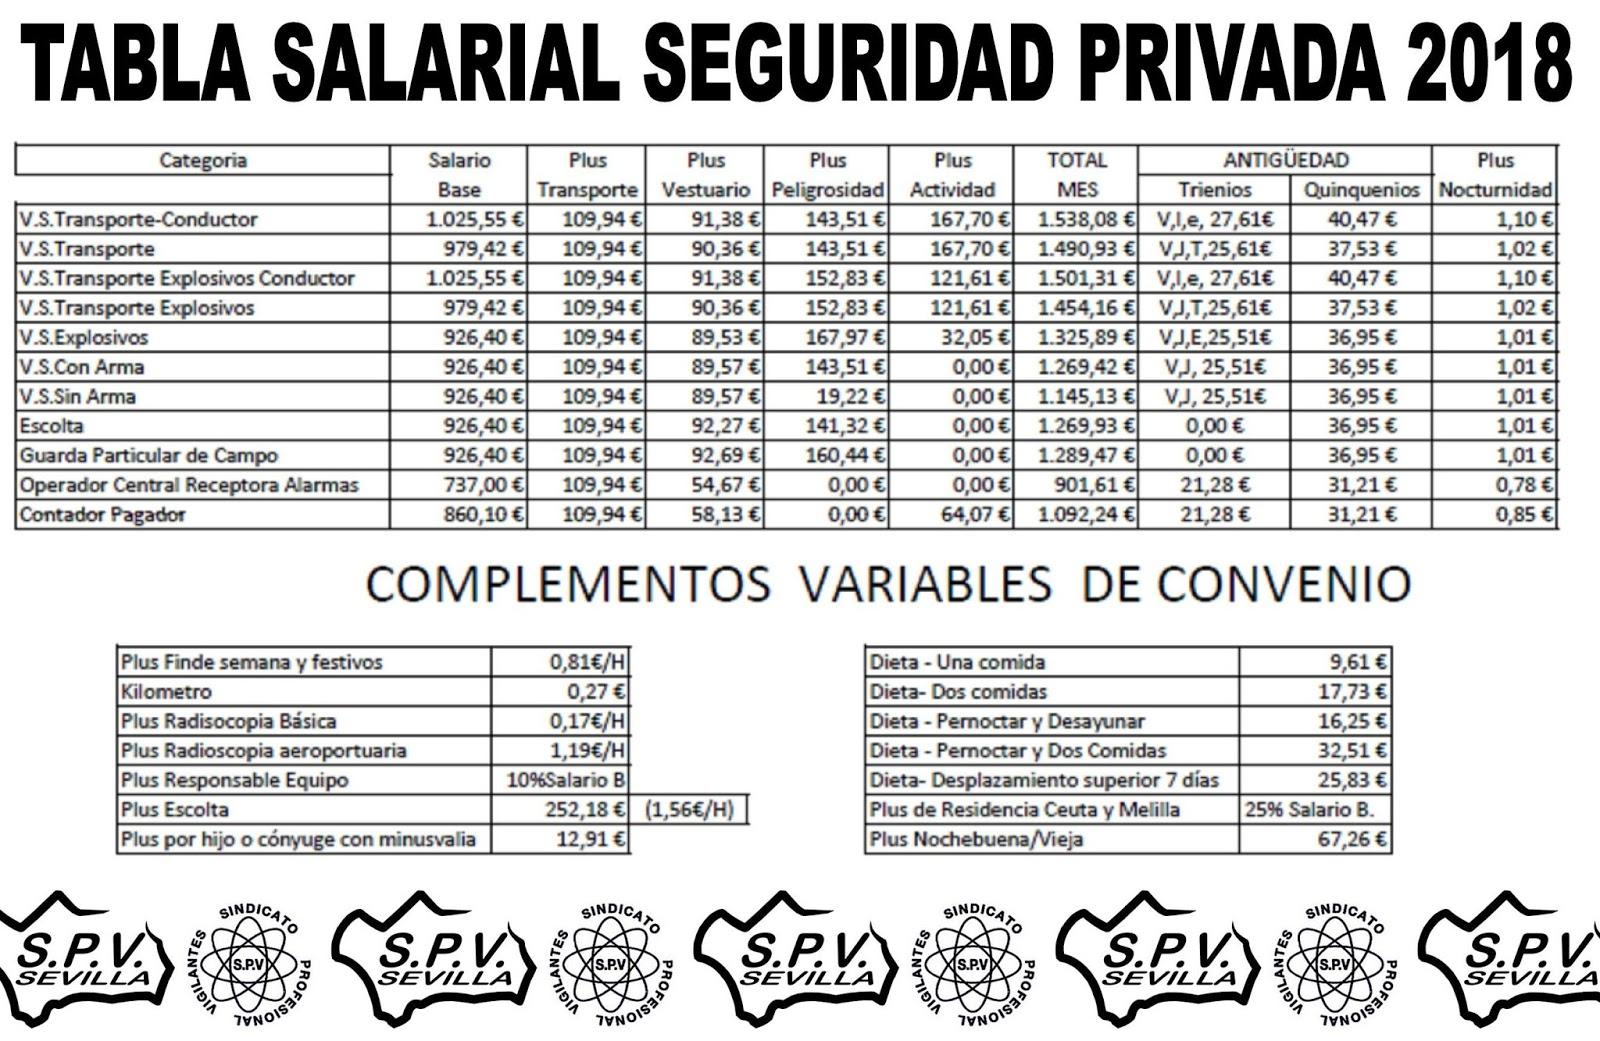 Sindicato profesional de vigilantes sevilla principales for Fuera de convenio 2017